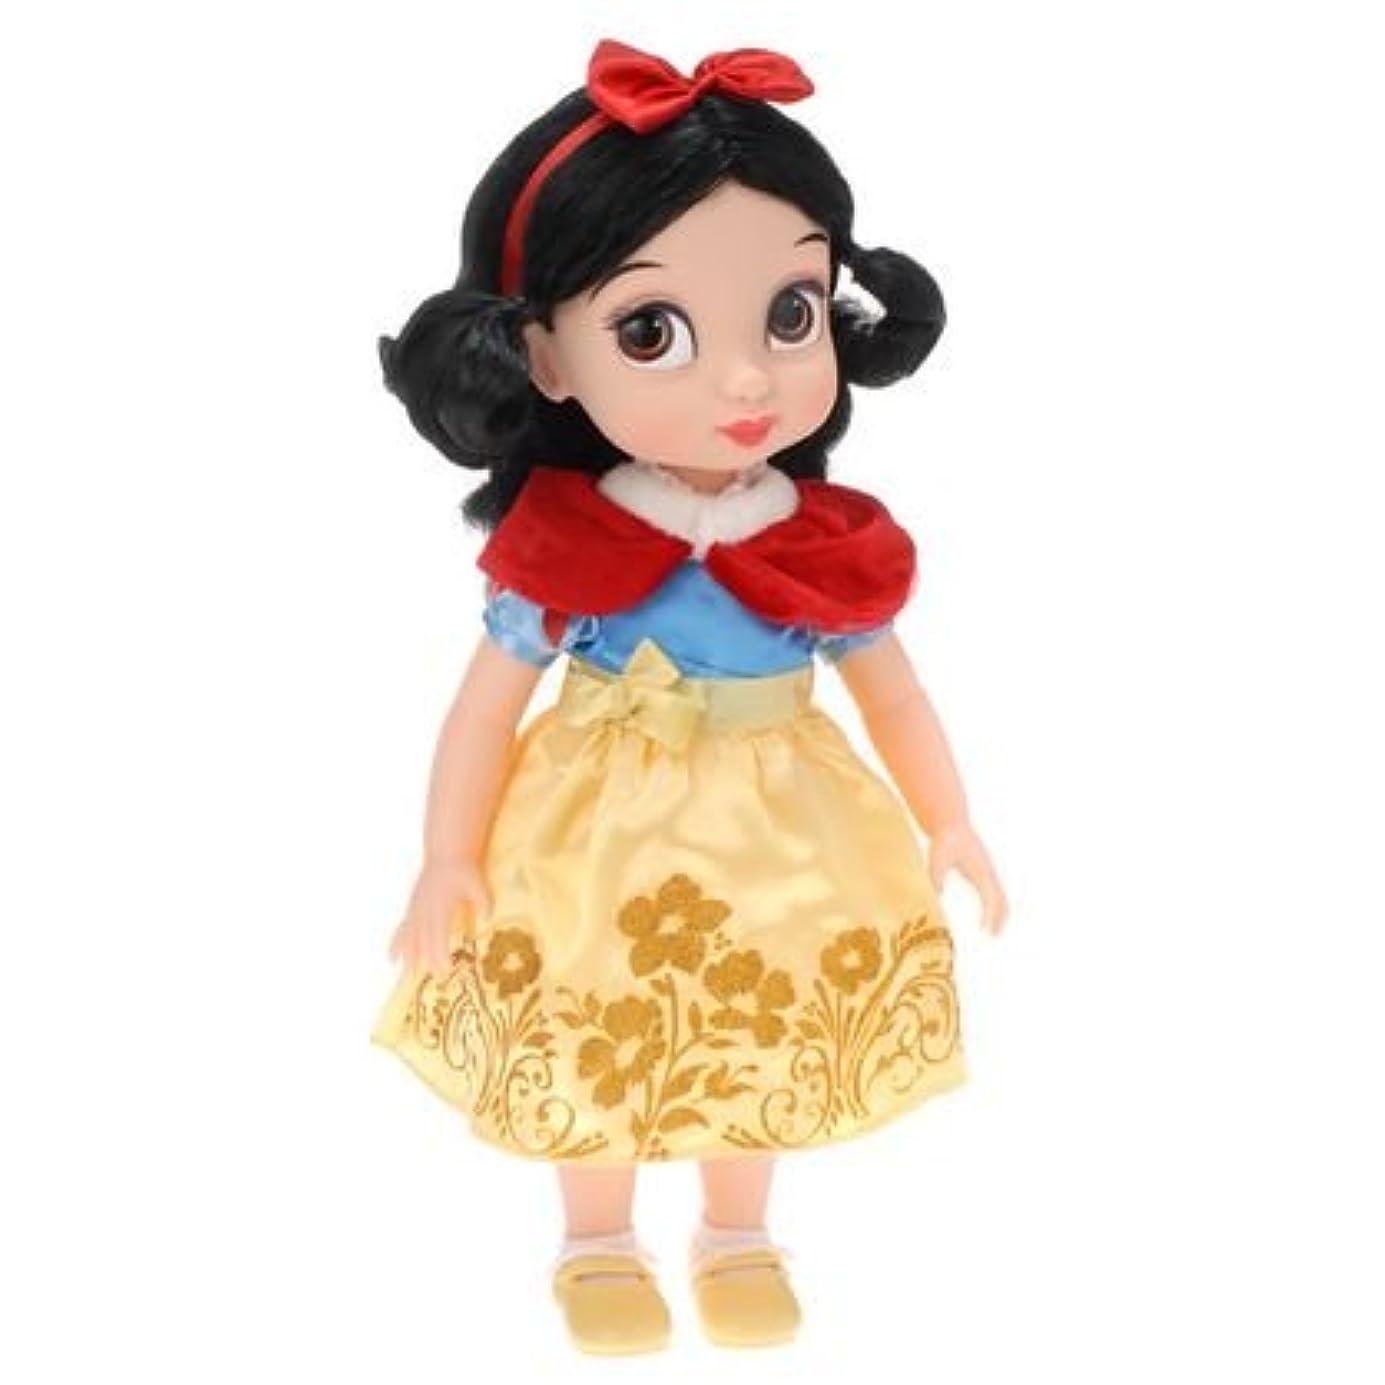 結婚した分岐する怒る【Disney Store】ディズニーストア アニメーター コレクションドール 白雪姫